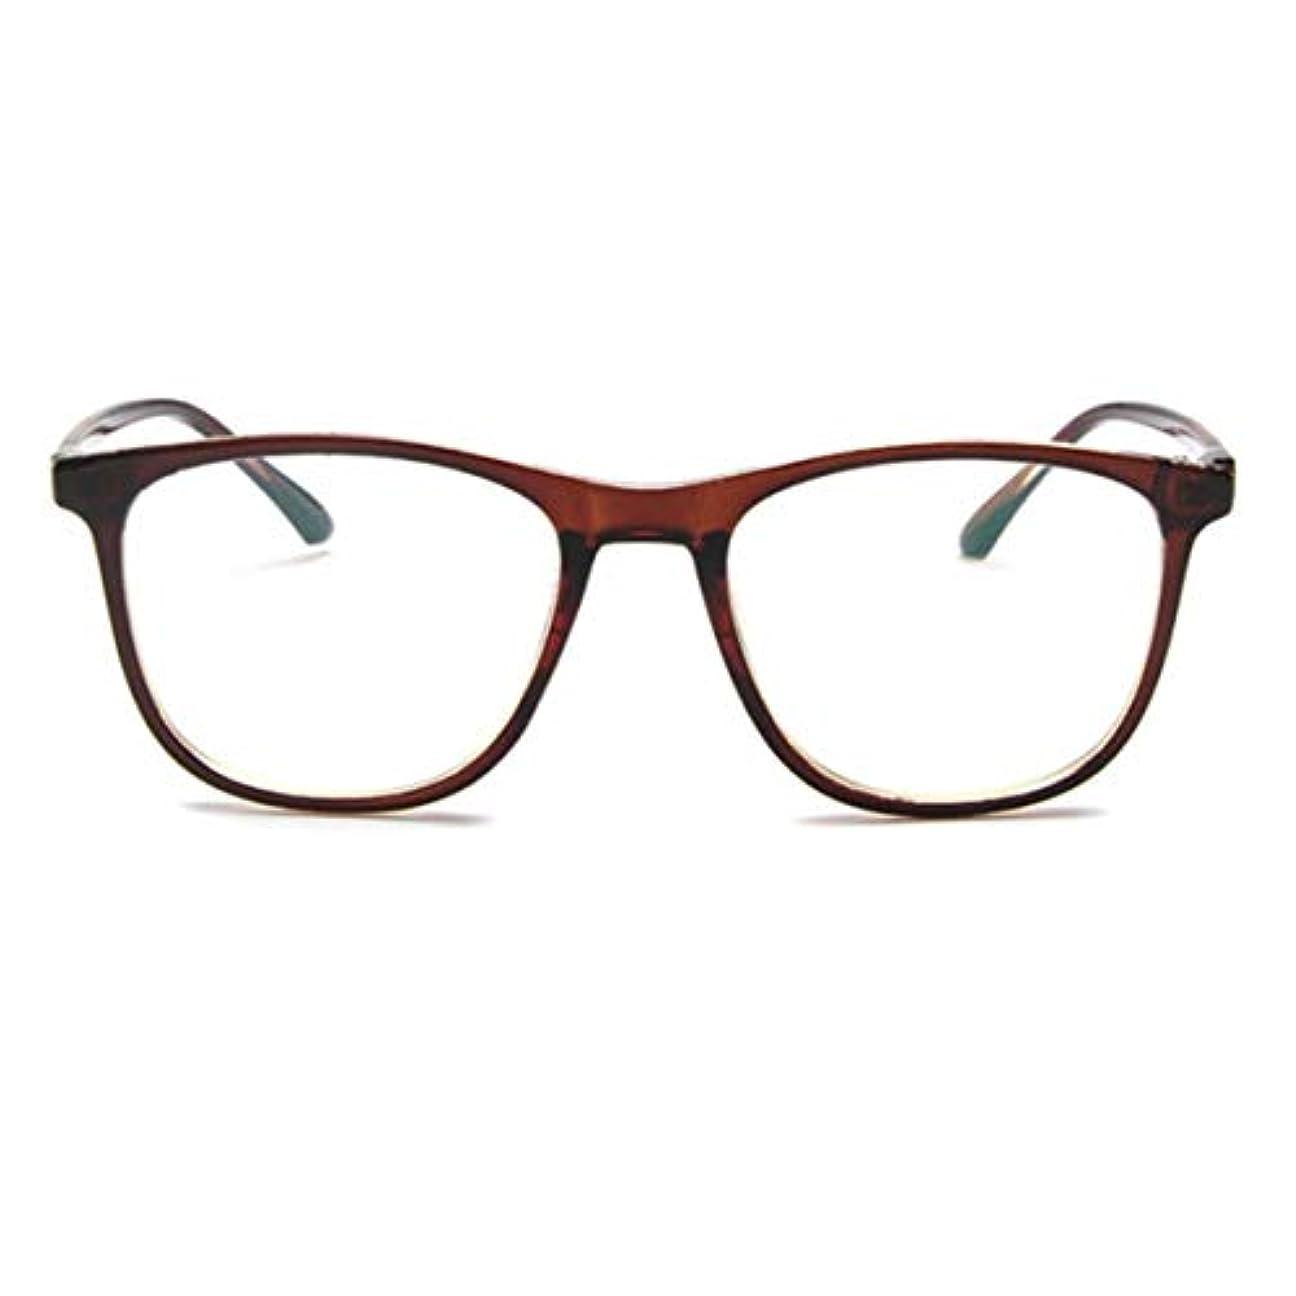 賞厄介なドック韓国の学生のプレーンメガネ男性と女性のファッションメガネフレーム近視メガネフレームファッショナブルなシンプルなメガネ-ダークブラウン